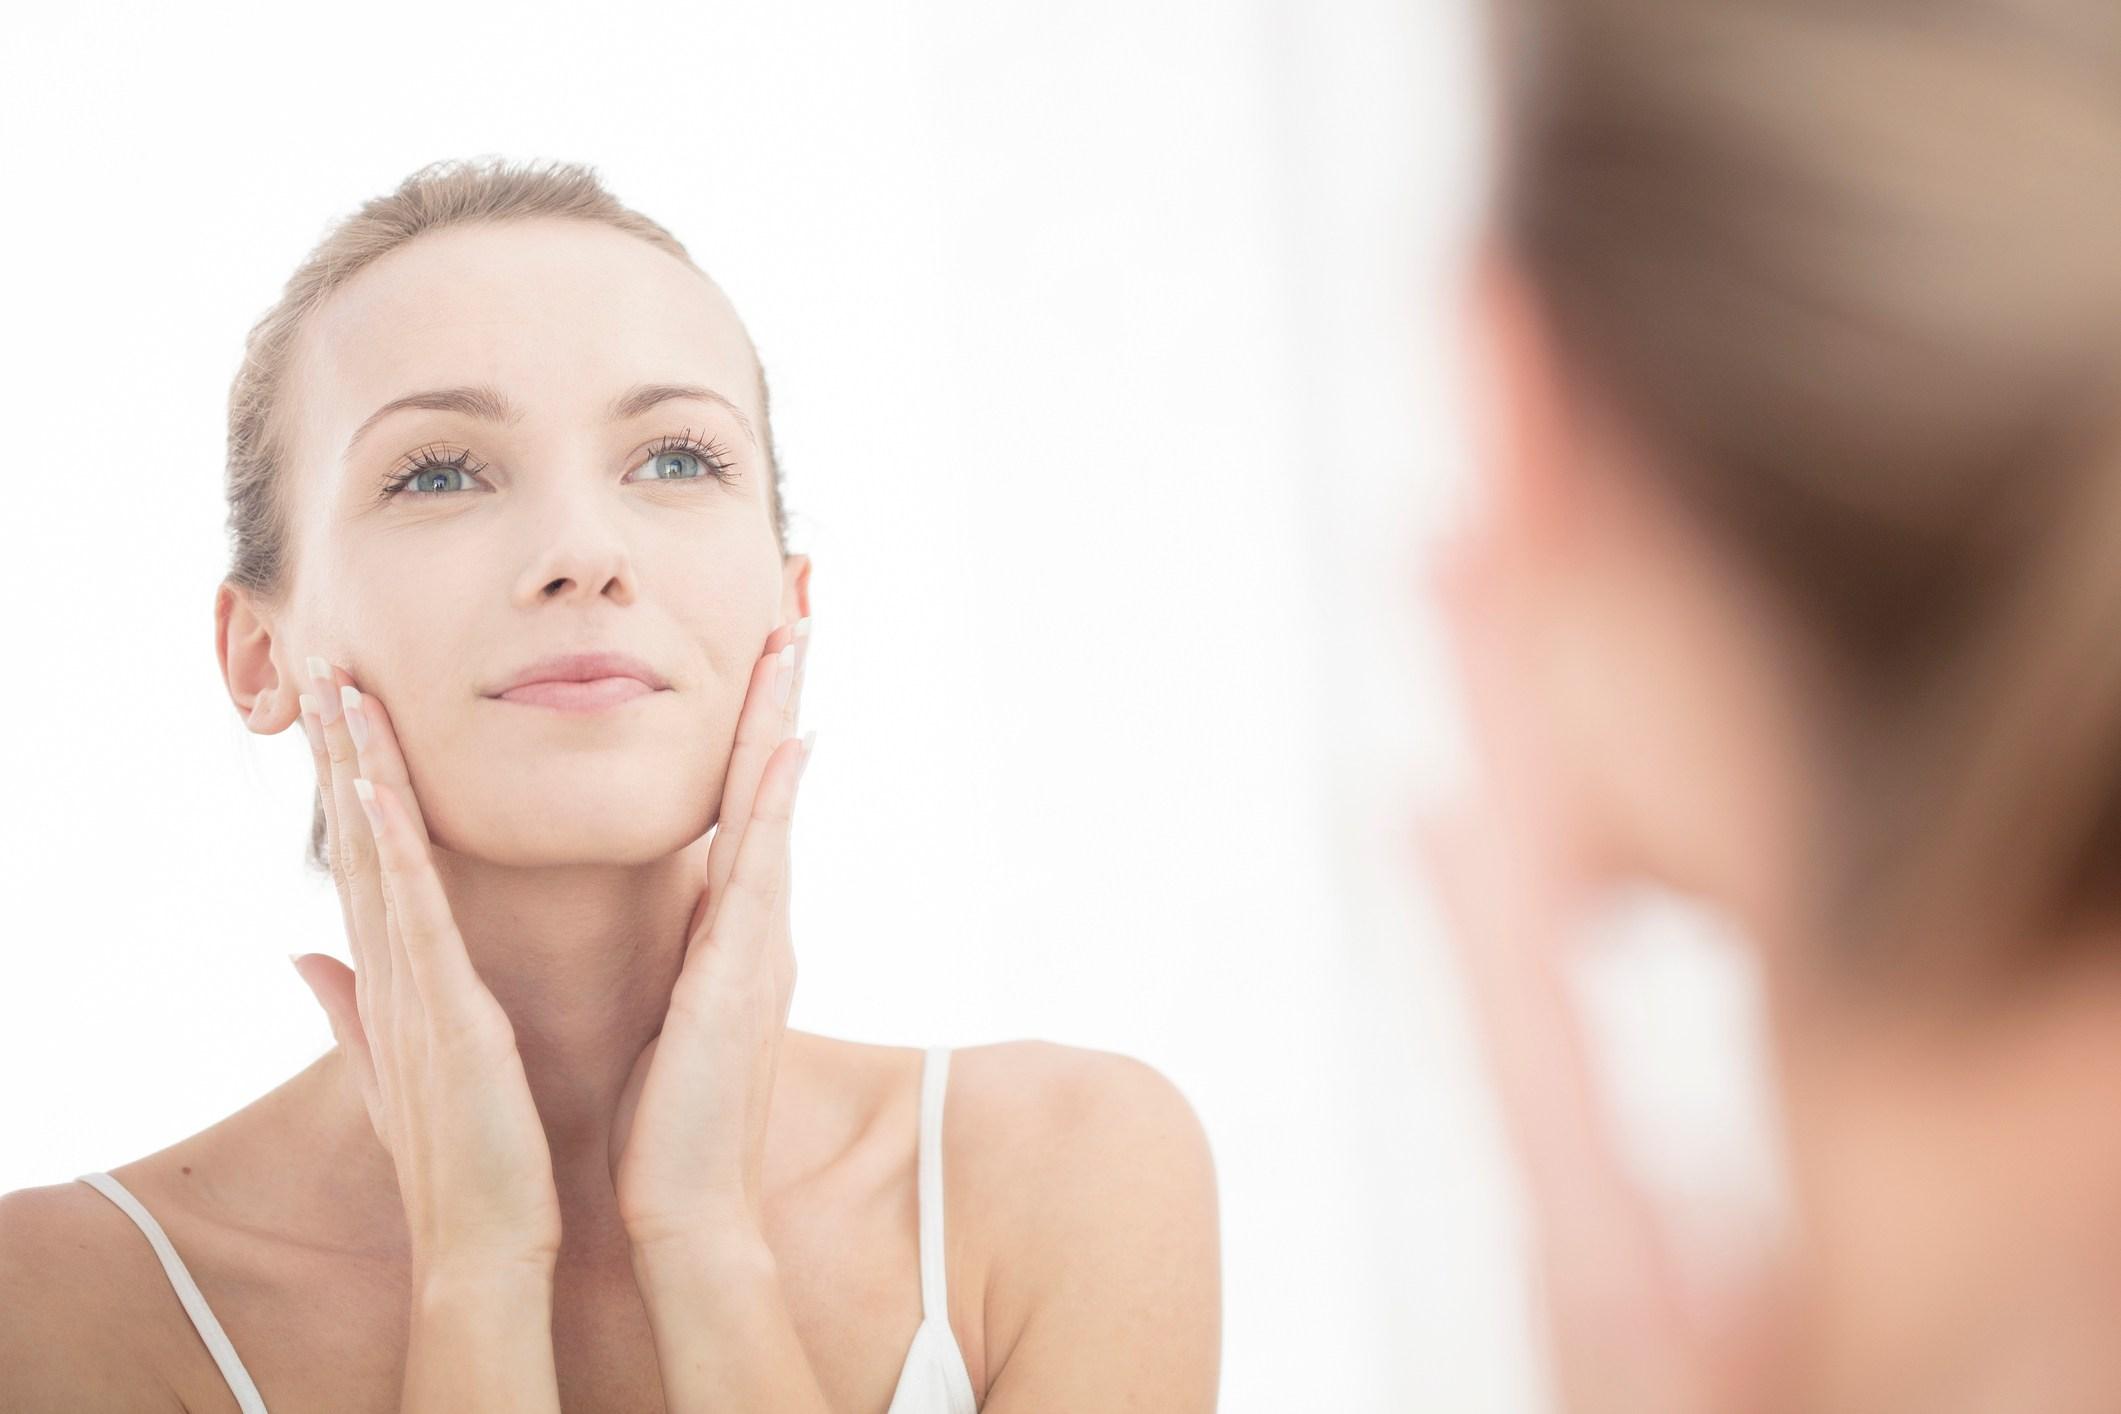 4.痘痘肌的去角質關鍵 若妳的痘痘是一直處在紅腫發炎或是爆膿的狀態,那妳在去角質的時候一定要避開,只要在沒長痘痘的肌膚區塊做簡單的去角質即可,另外在去角質的產品上,也建議盡量挑選凝膠類取代磨砂類的去角質產品,洗完臉後,在臉上以指腹輕輕按摩畫圓即可,不要過度的摩擦肌膚,以免造成連帶的敏感紅腫